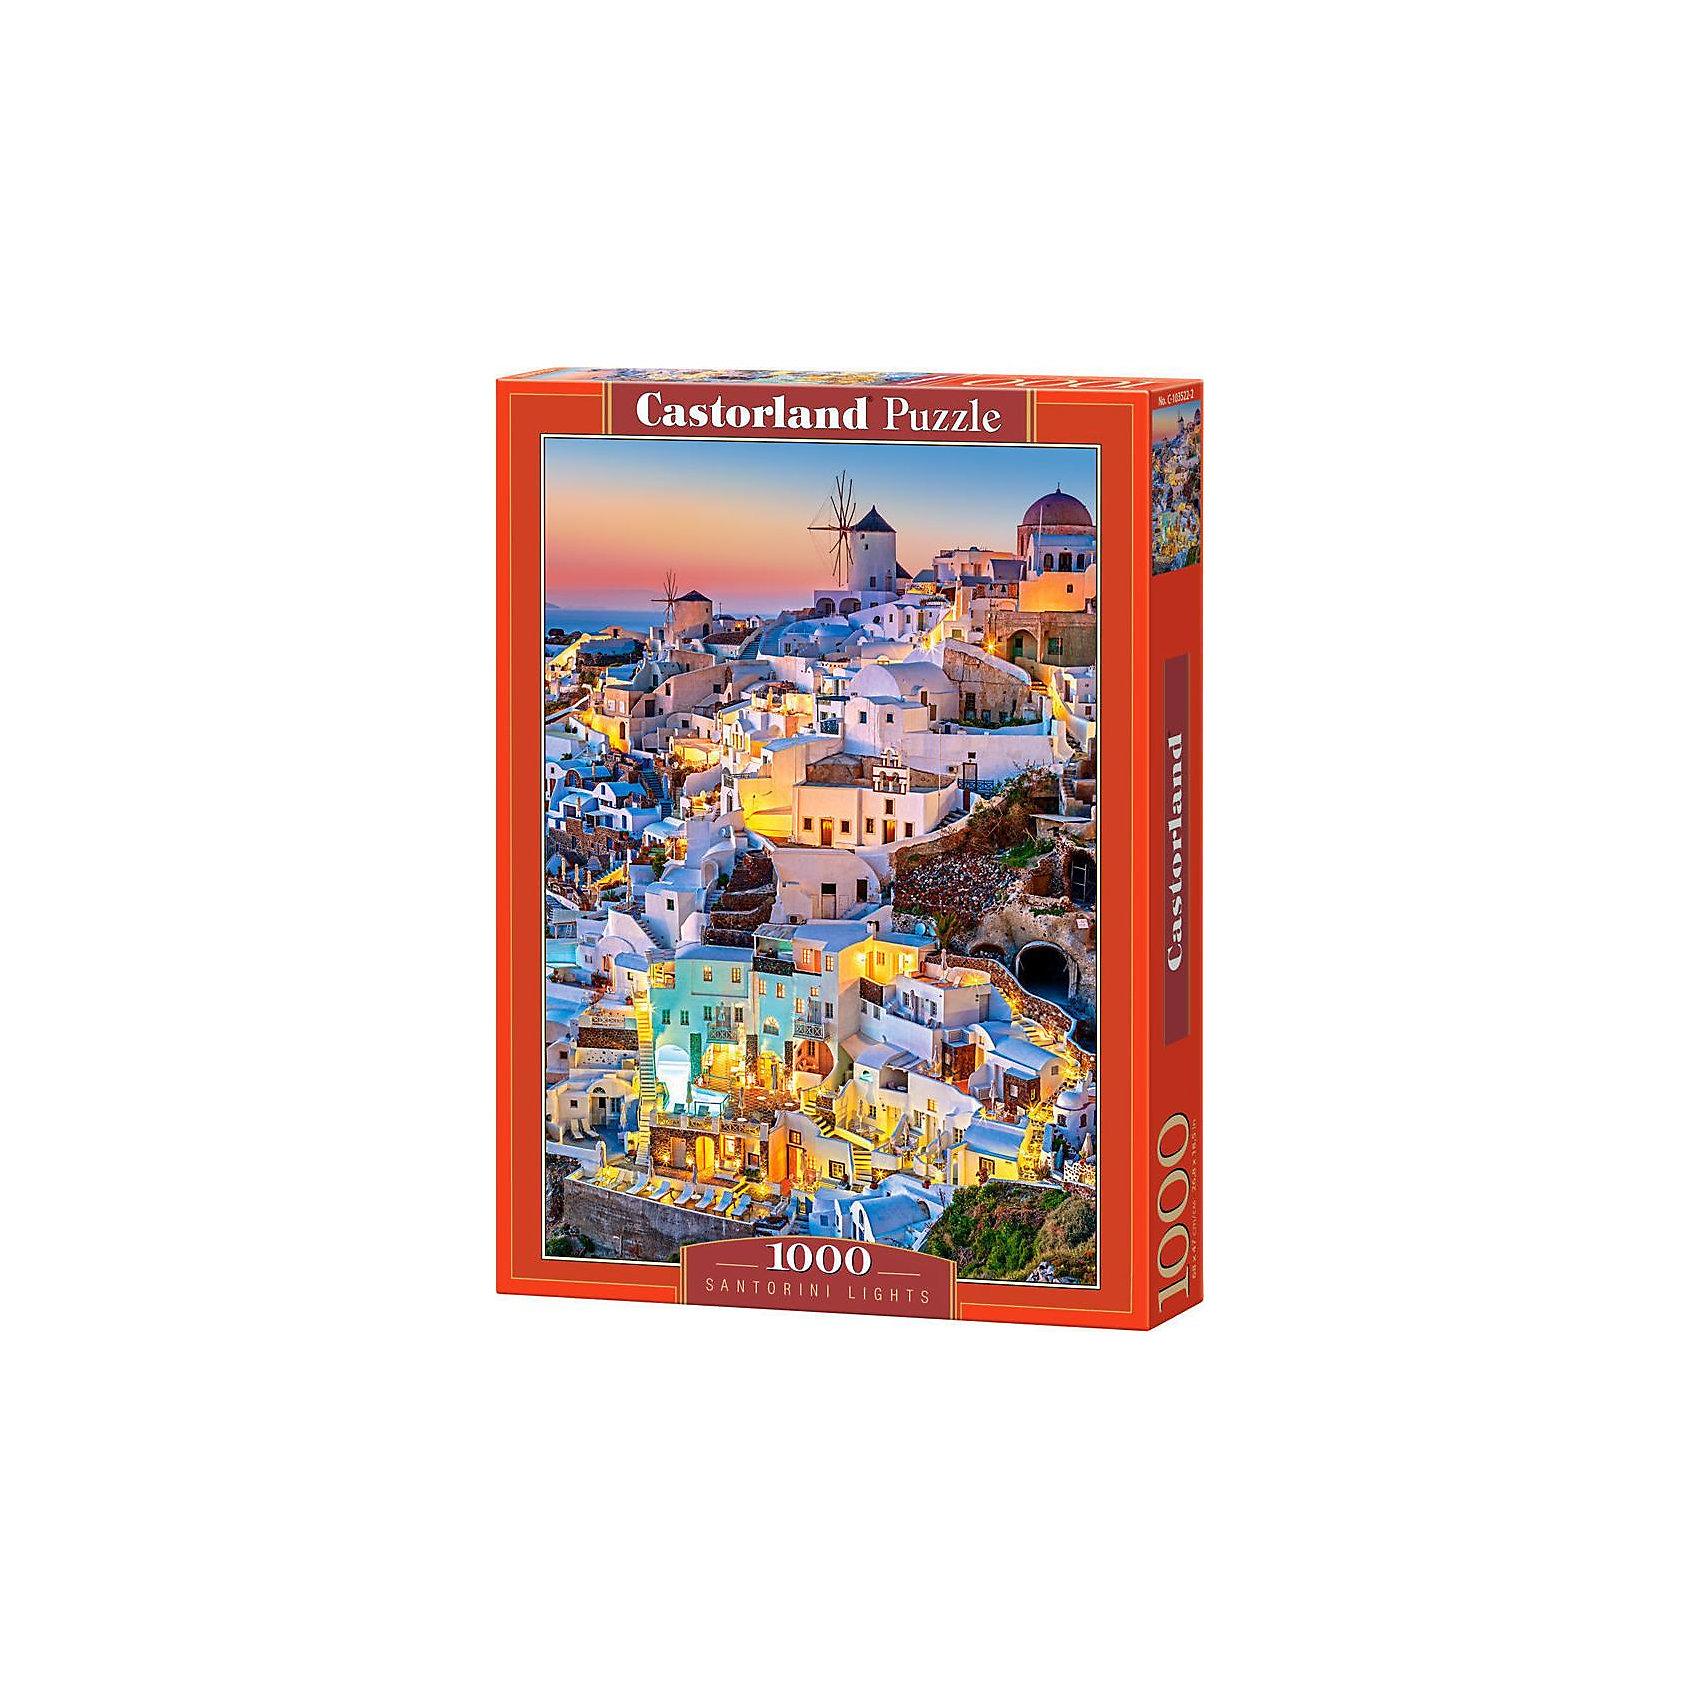 Пазл Огни Санторини, 1000 деталей, CastorlandКоличество деталей<br>Пазл Огни Санторини, 1000 деталей, Castorland, (Касторленд)<br><br>Характеристики:<br><br>• яркие цвета<br>• привлекательная картинка<br>• количество деталей: 1000<br>• размер пазла: 68х47 см<br>• размер упаковки: 35х25х5 см<br><br>Огни Санторини - набор пазлов от Касторленд. Ребенок сможет собрать красивую картинку с изображением пейзажа Санторини. Игра поможет развить логику, мелкую моторику и пространственное мышление, а ребенок будет очень рад готовой картинке!<br><br>Пазл Огни Санторини, 1000 деталей, Castorland, (Касторленд) вы можете купить в нашем интернет-магазине.<br><br>Ширина мм: 350<br>Глубина мм: 50<br>Высота мм: 250<br>Вес г: 500<br>Возраст от месяцев: 144<br>Возраст до месяцев: 2147483647<br>Пол: Унисекс<br>Возраст: Детский<br>SKU: 5244650